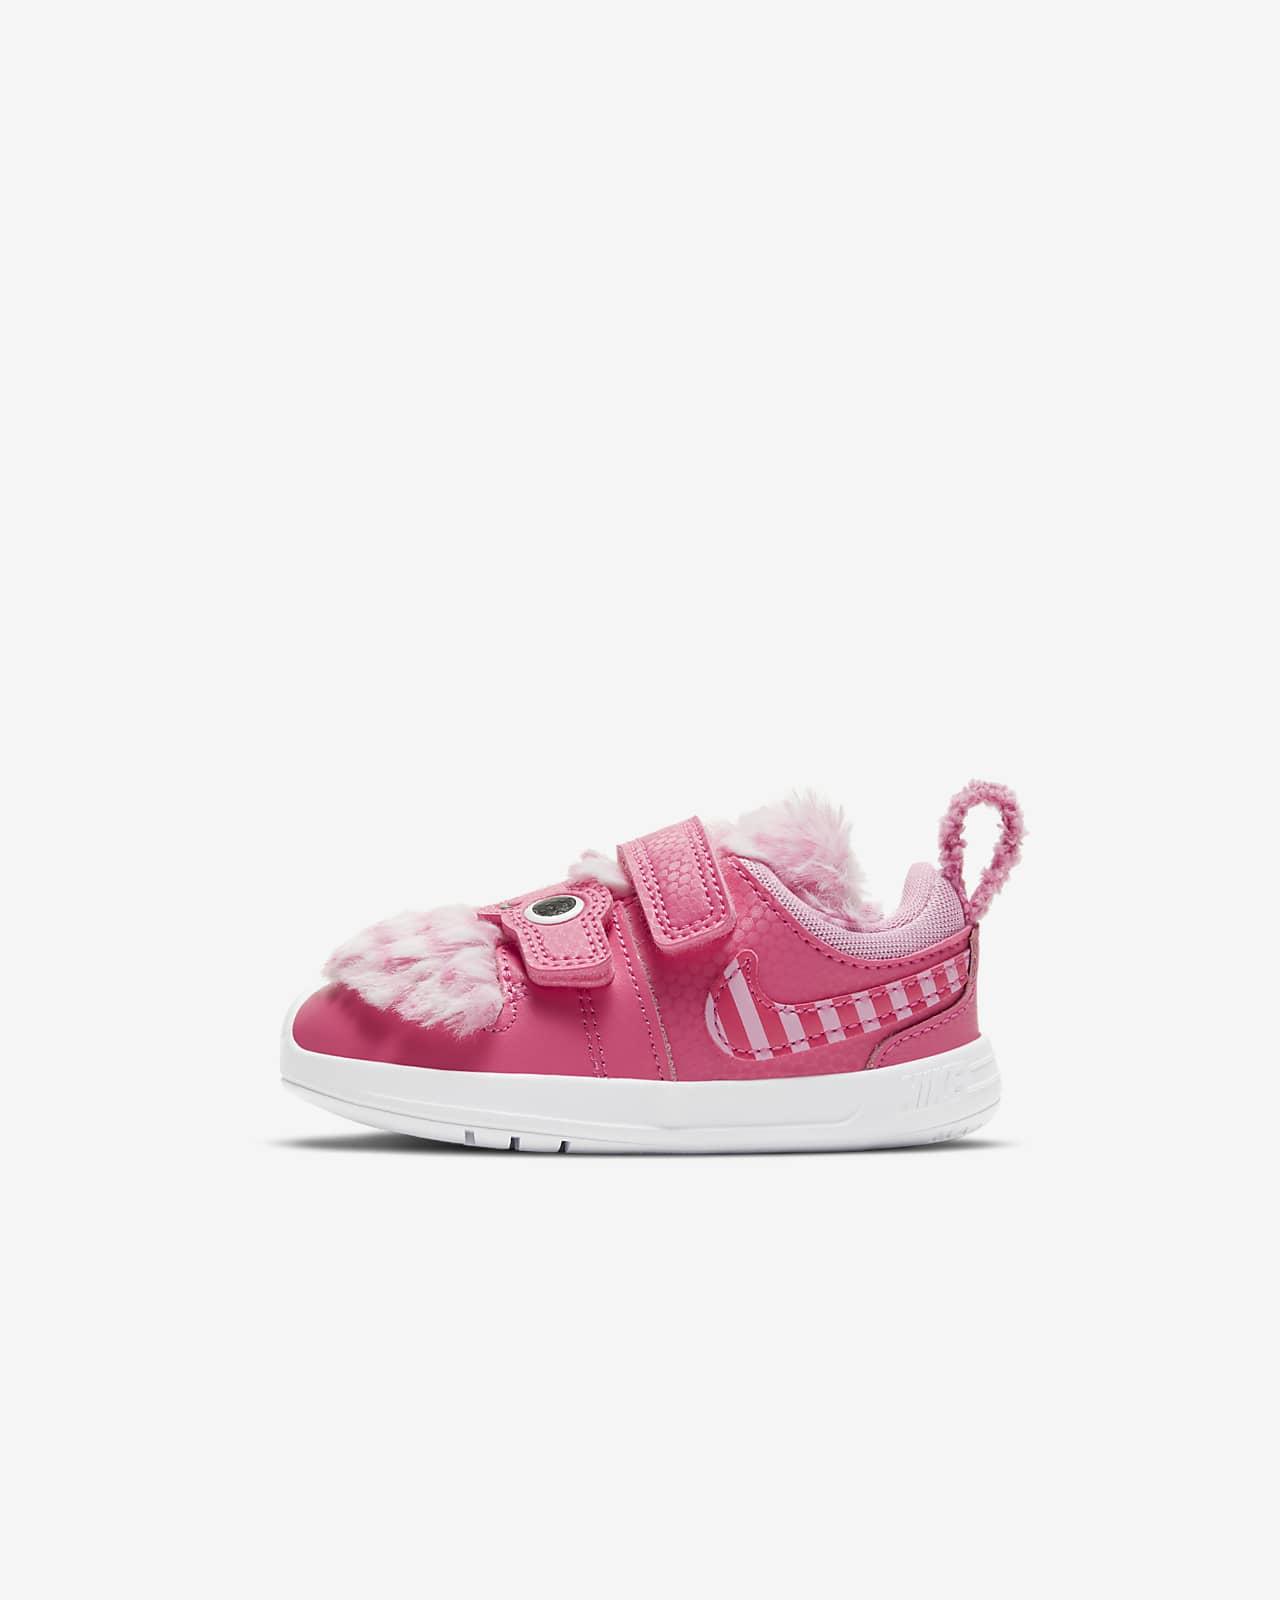 Nike Pico 5 Fast n Furry 嬰幼兒鞋款